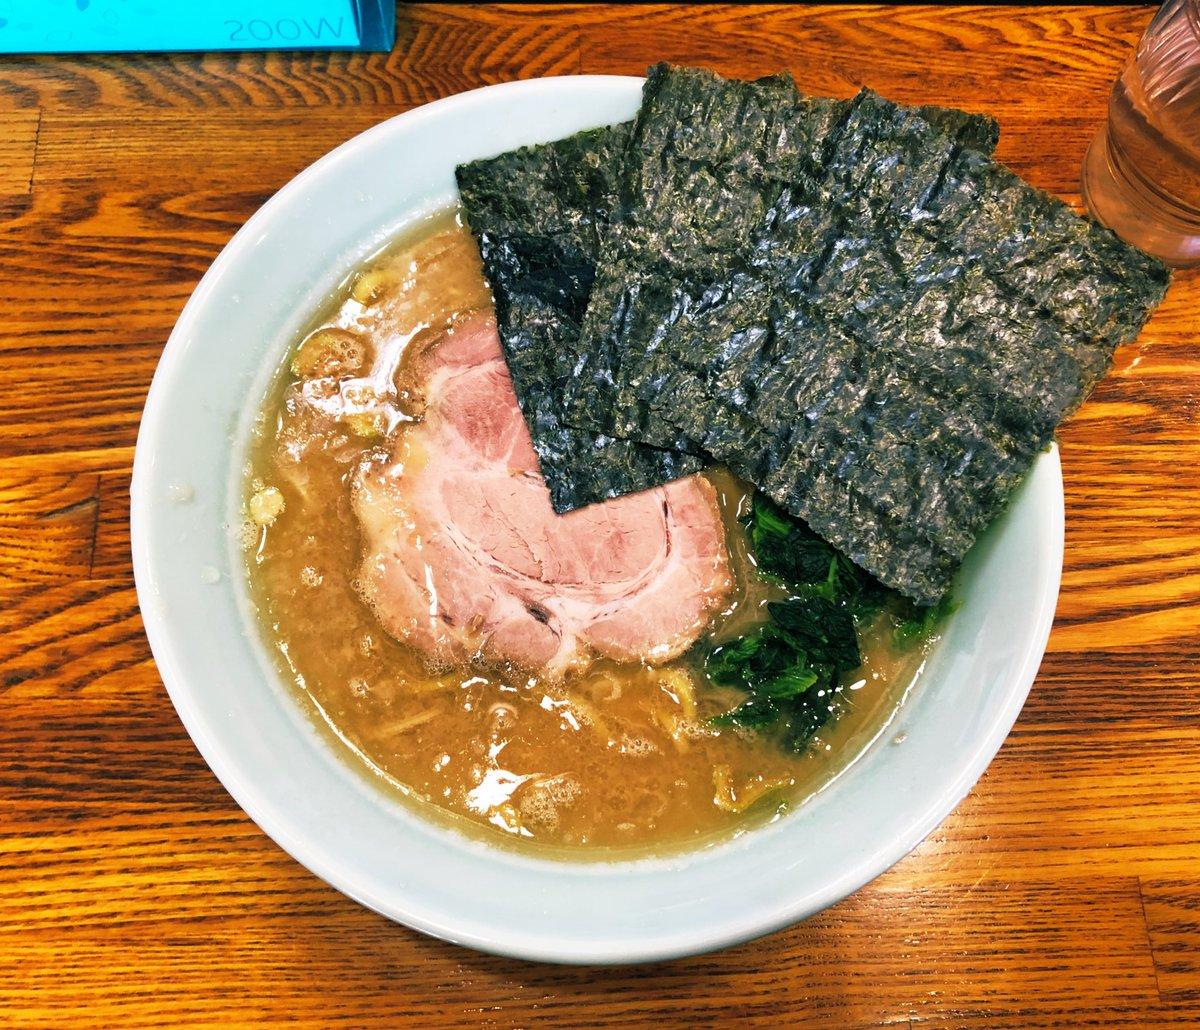 新潟で一番好きな家系ラーメン 心一家 これも5年ぶりくらいに食べた 新潟の仕事が多くなったから地元のご飯屋さんに色々行けて嬉しい